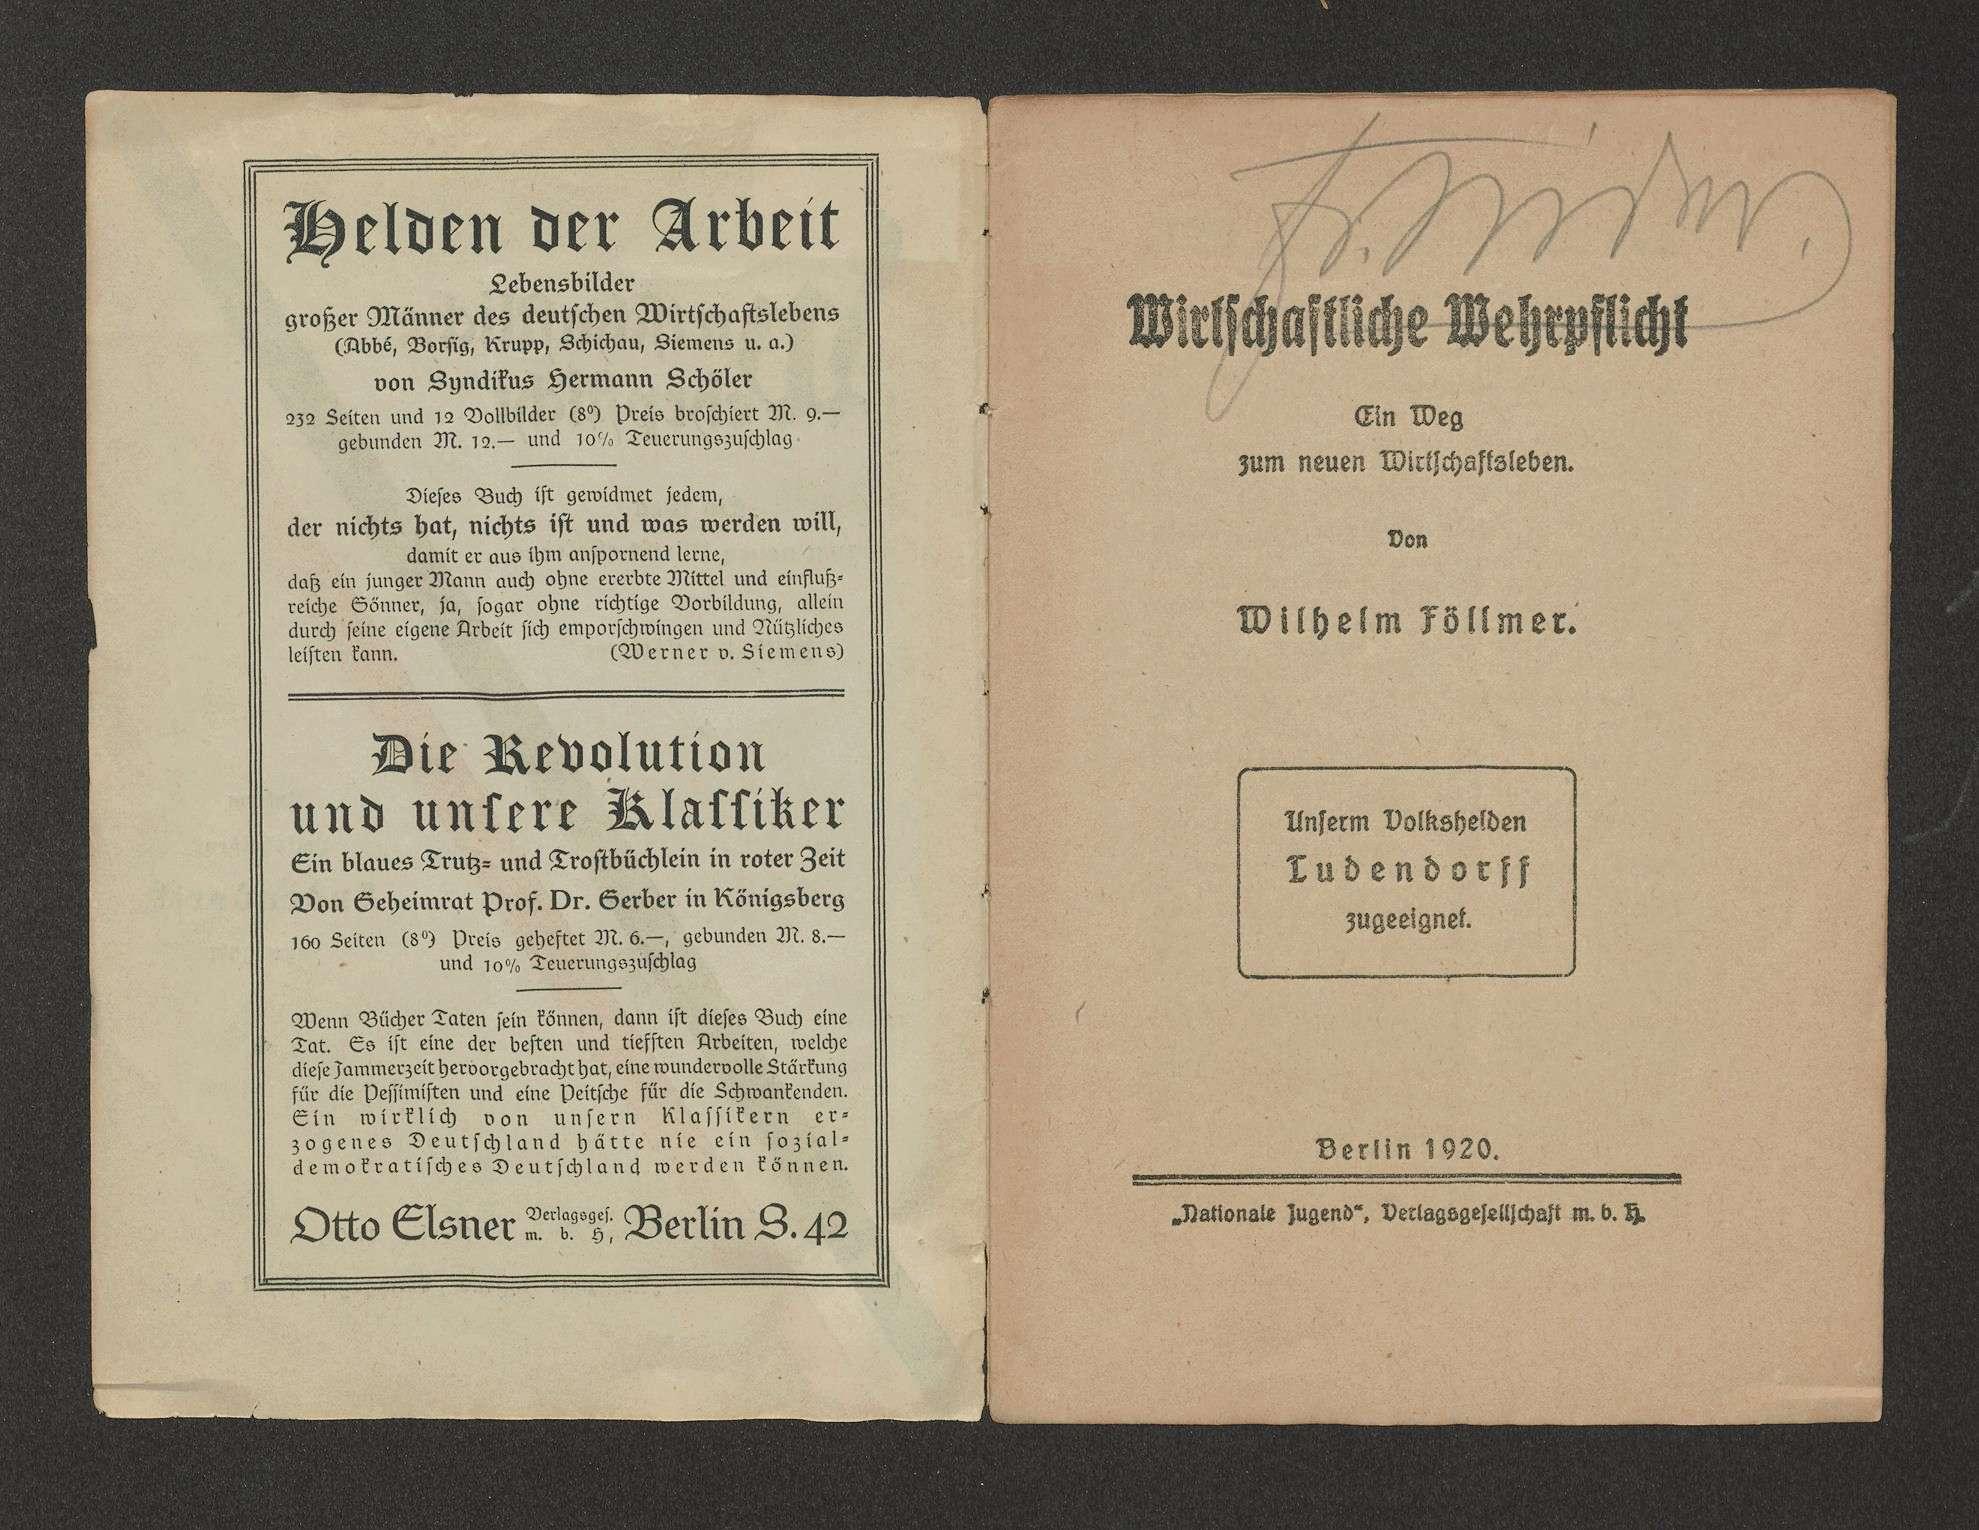 """Wirtschaftliche Wehrpflicht, ein Weg zum neuen Wirtschaftsleben, Föllmer, Wilhelm, Berlin, """"Nationale Jugend"""", Verl.-Ges., 1920, 16 S., Bild 2"""